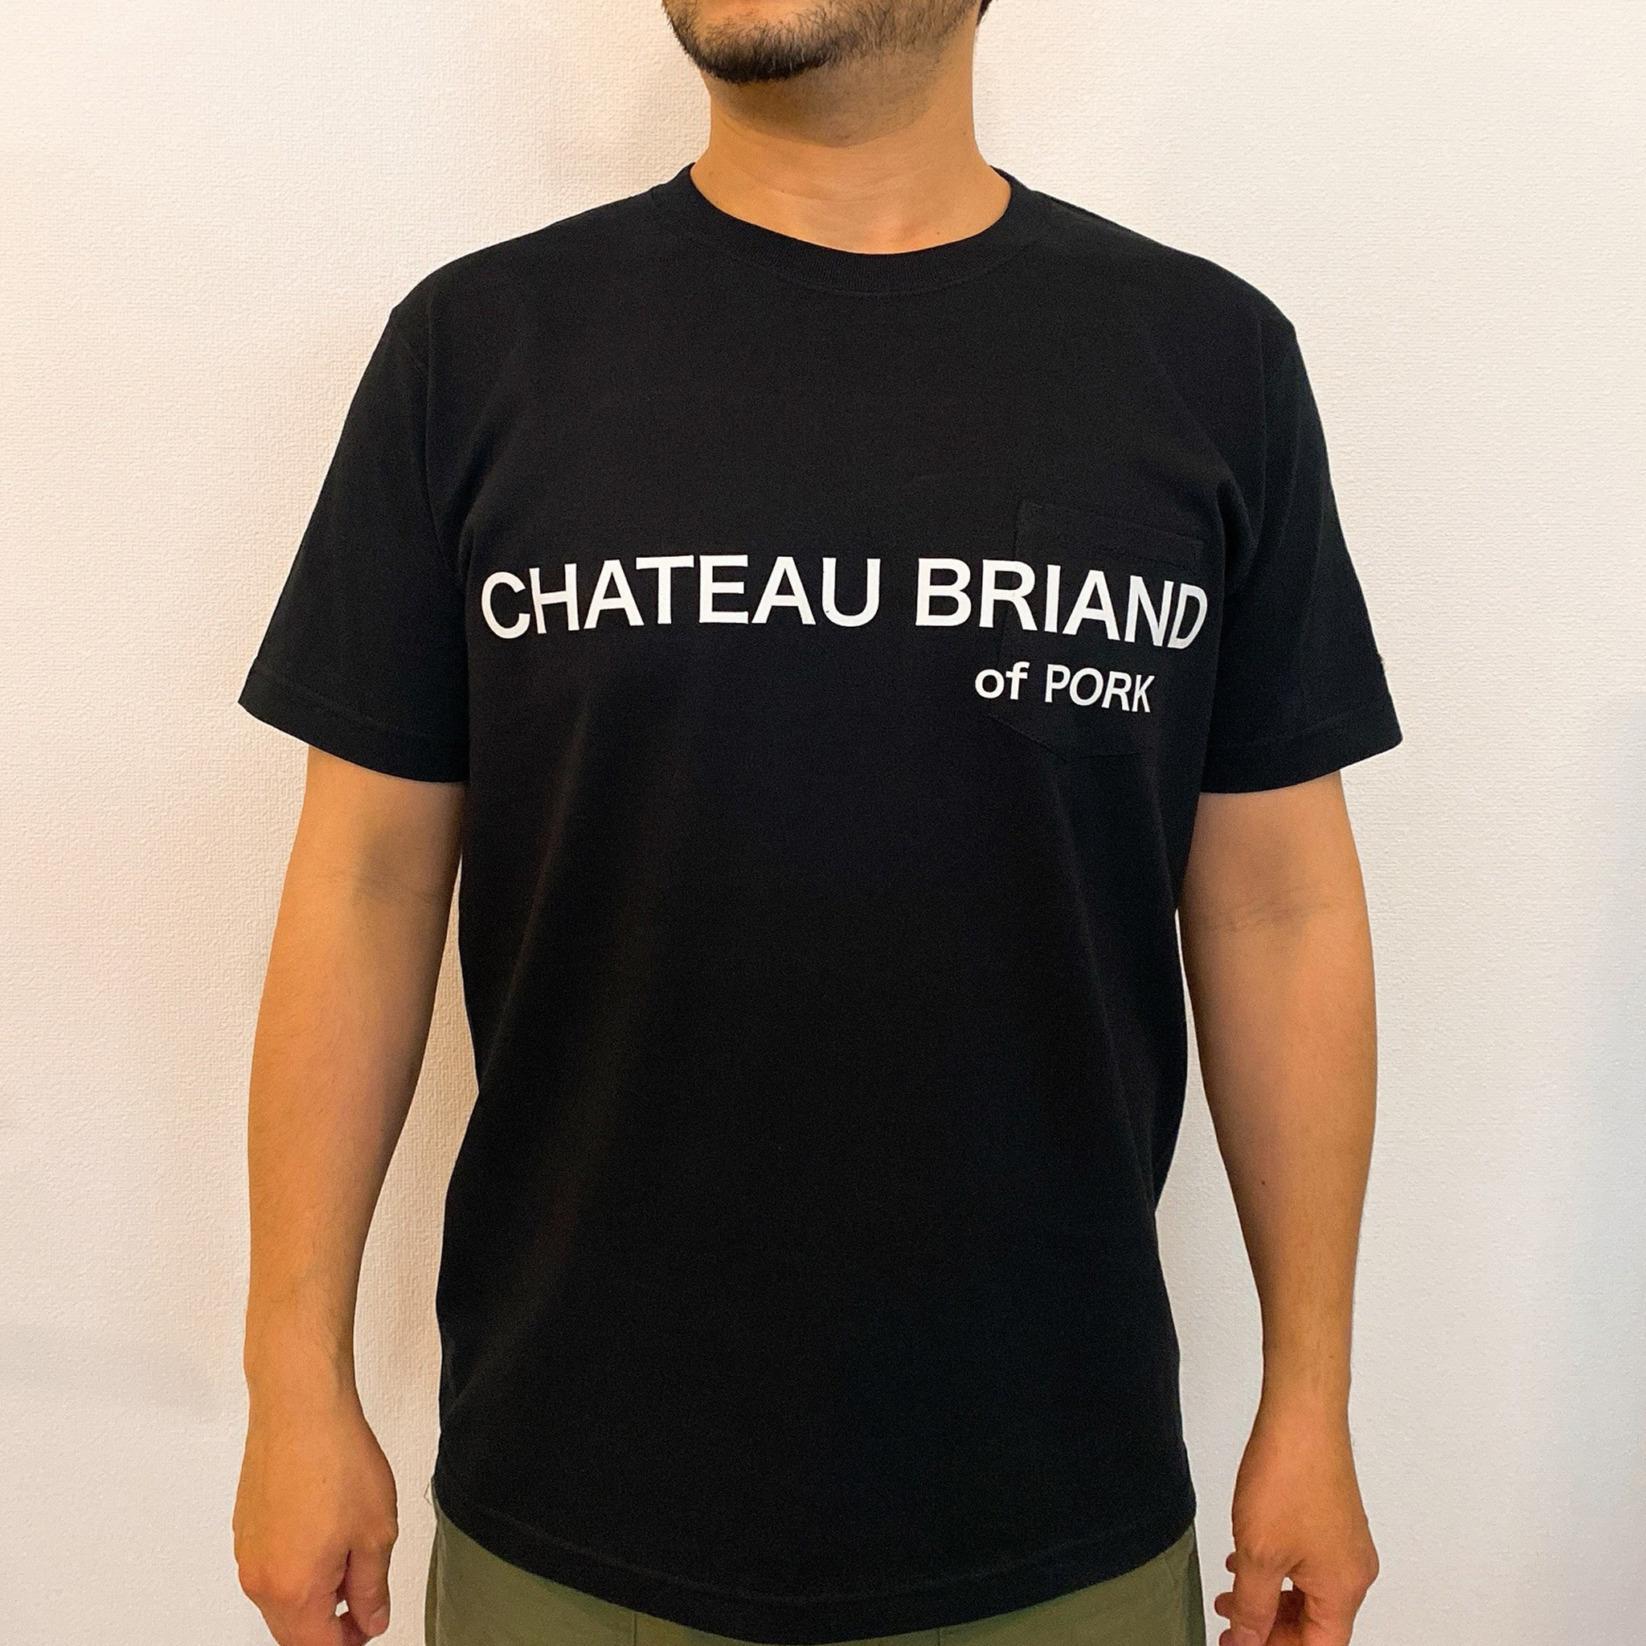 Tシャツ(シャトーブリアン)